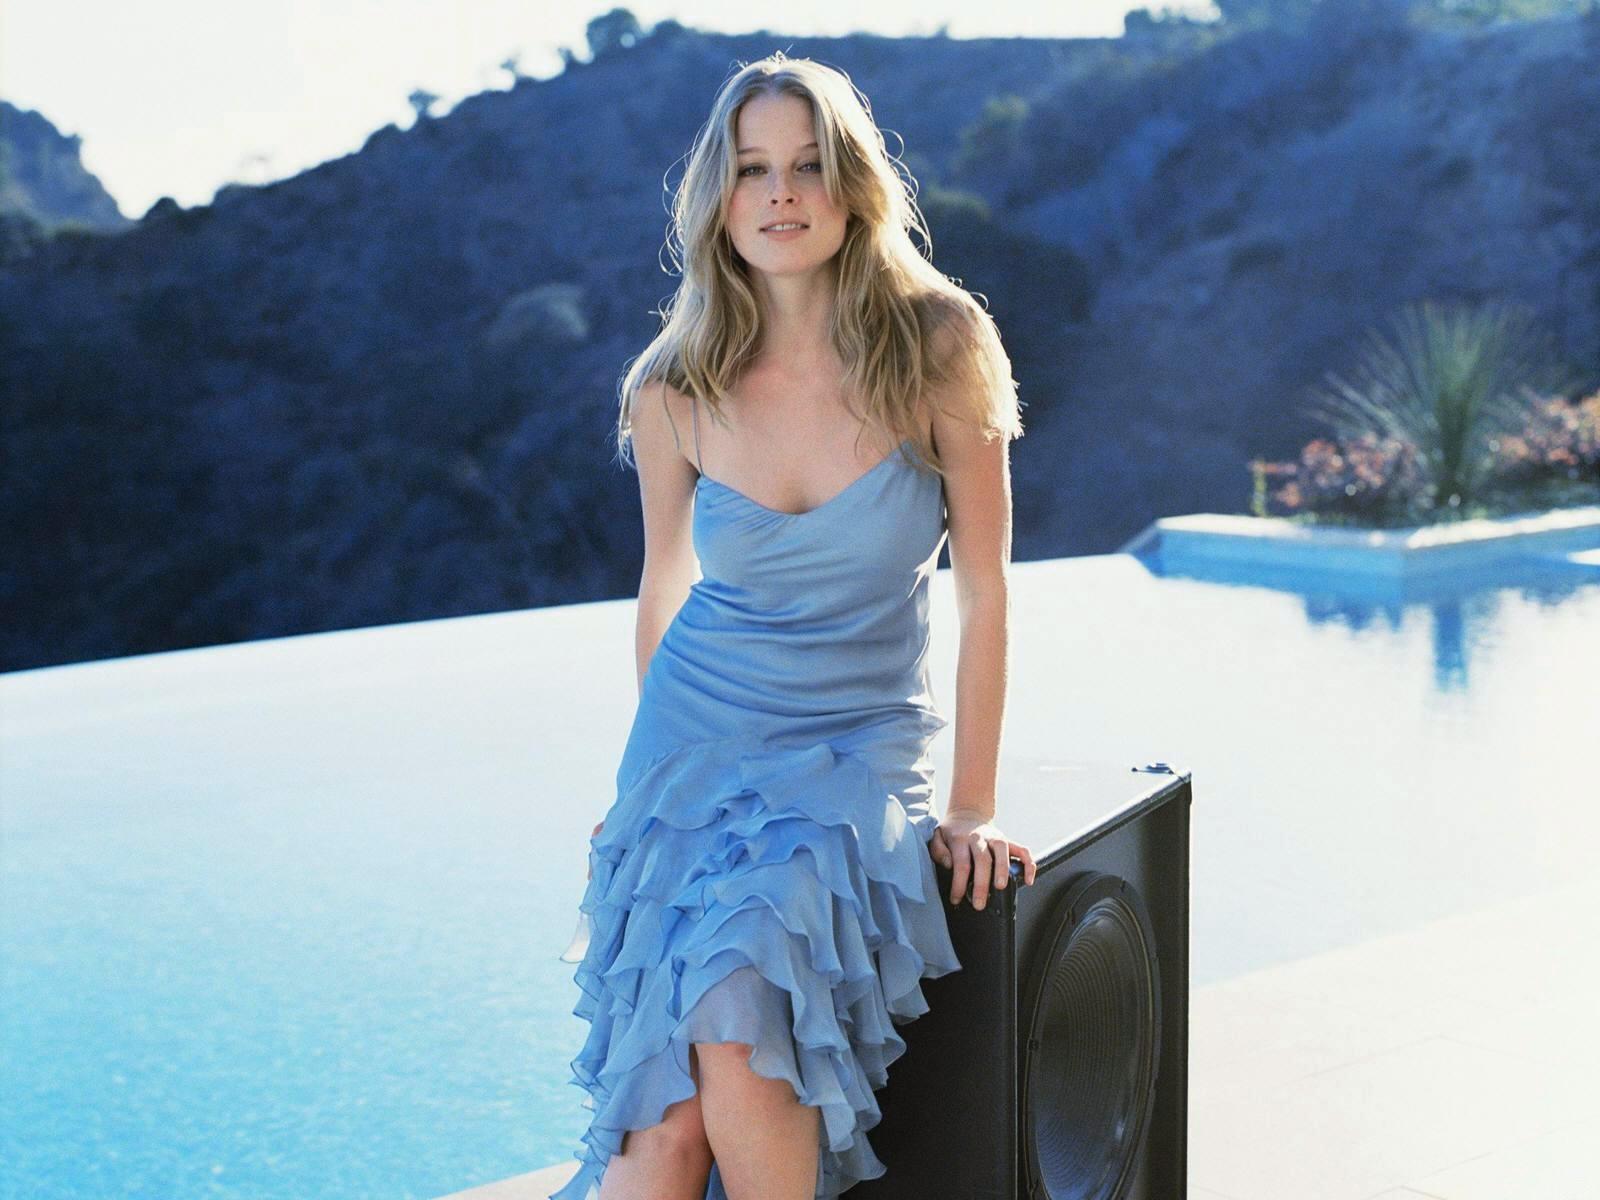 Rachel nichols bule color dress photos